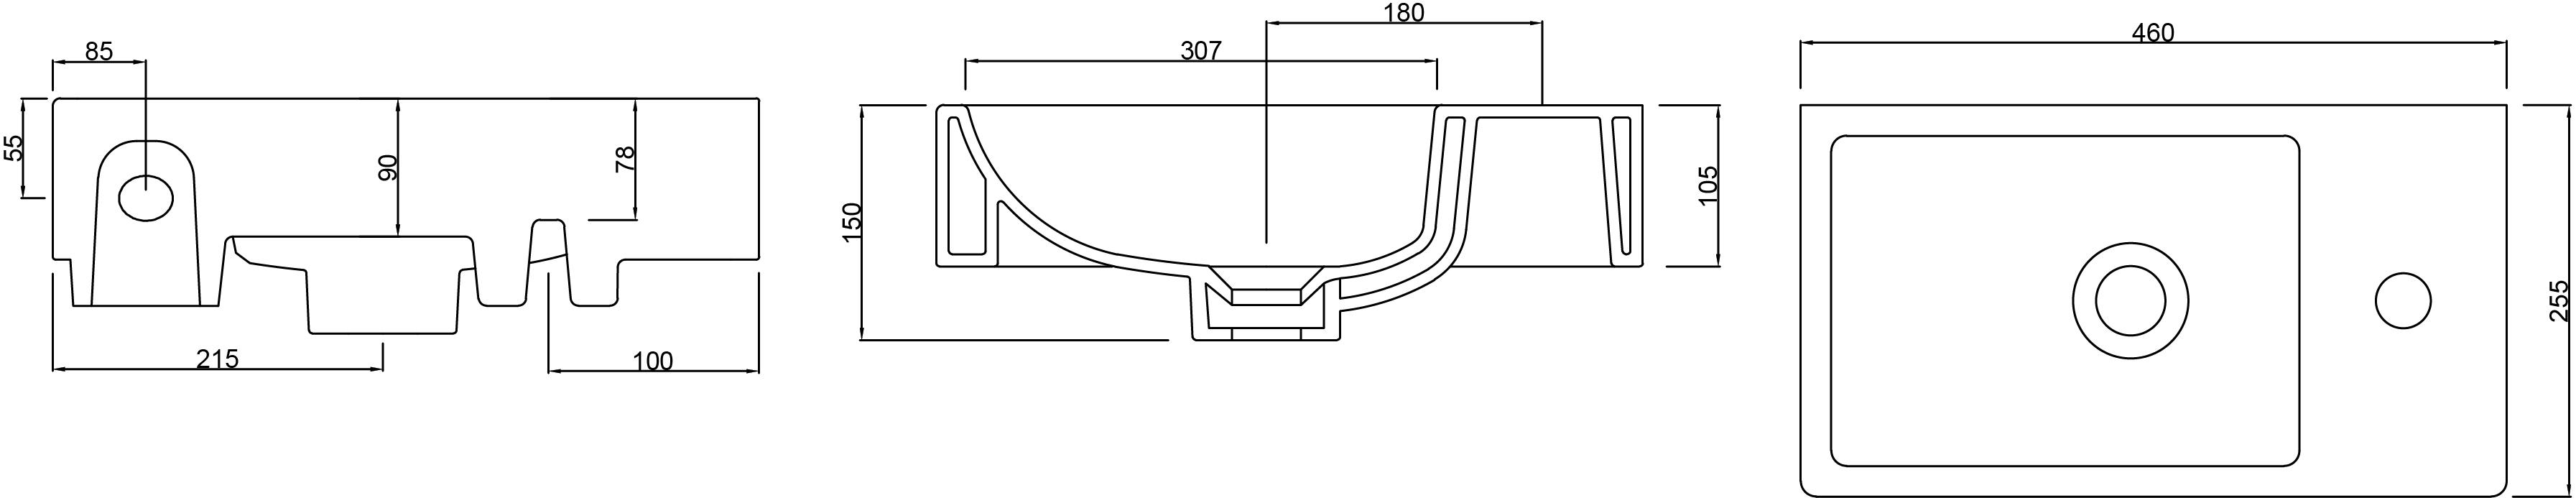 Mode Small Wall Mounted Basin